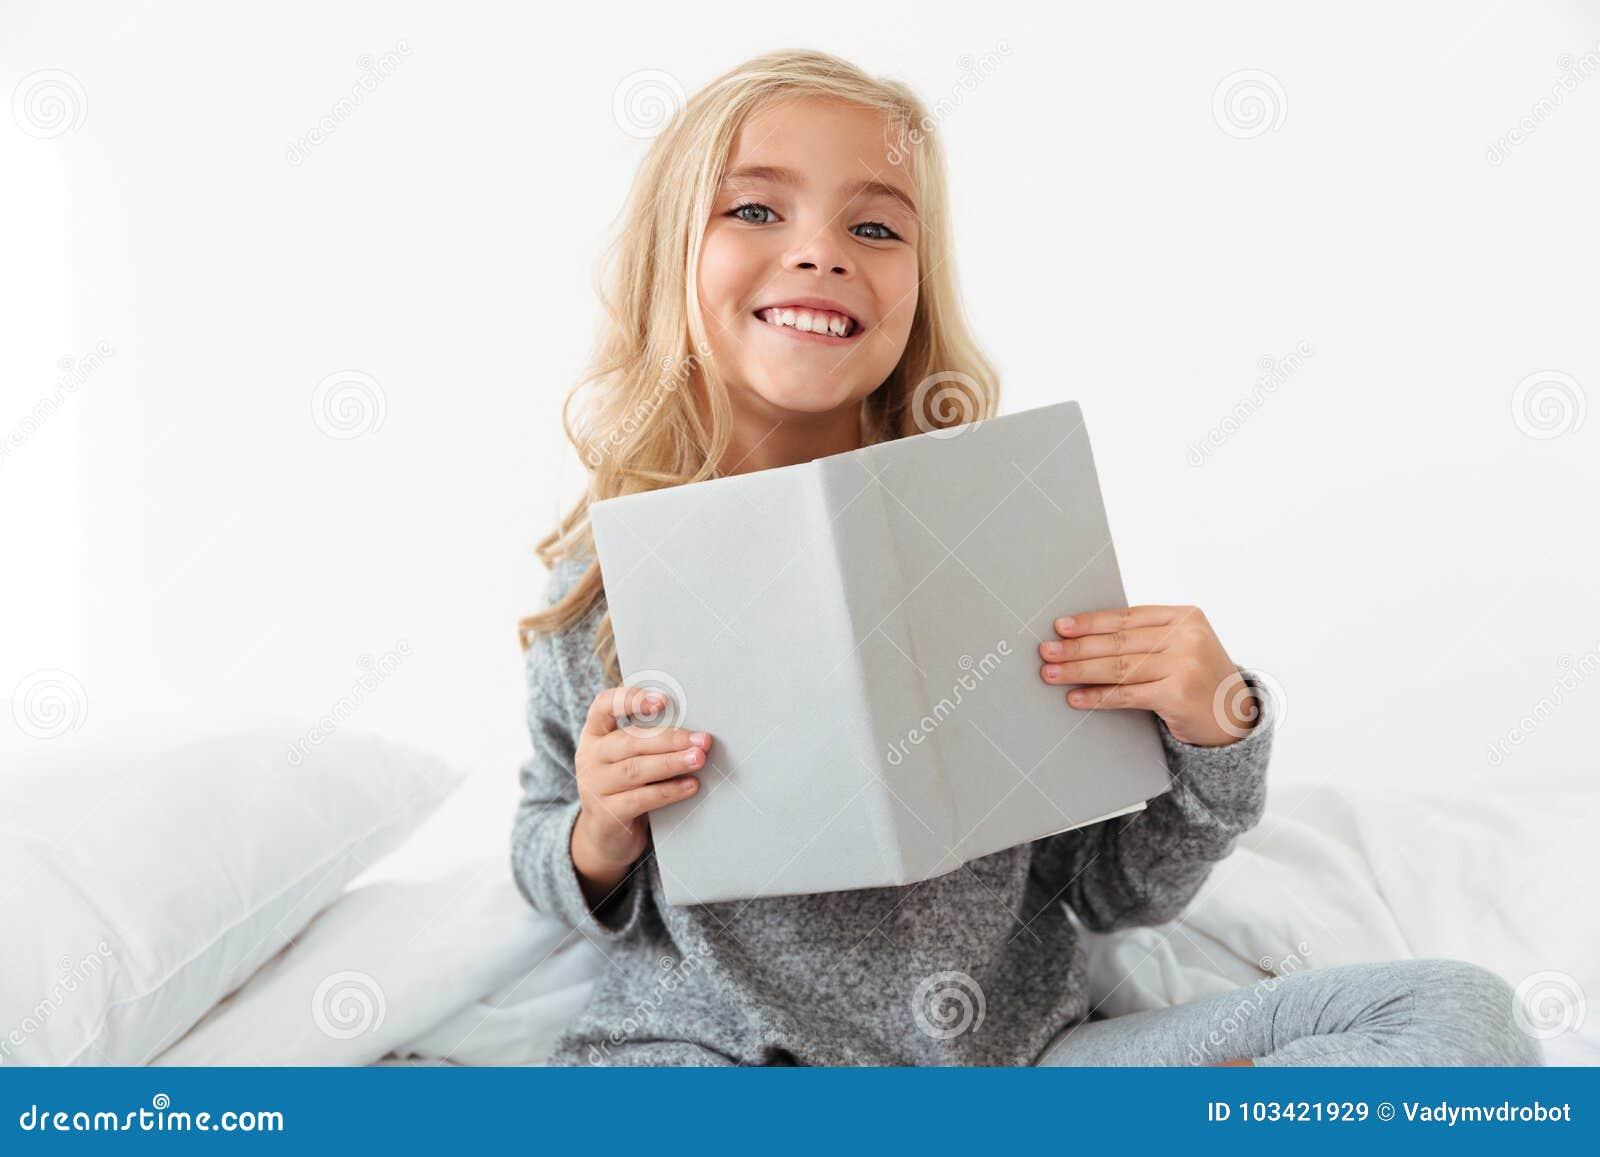 拿着书的灰色睡衣的快乐的小女孩,看加州